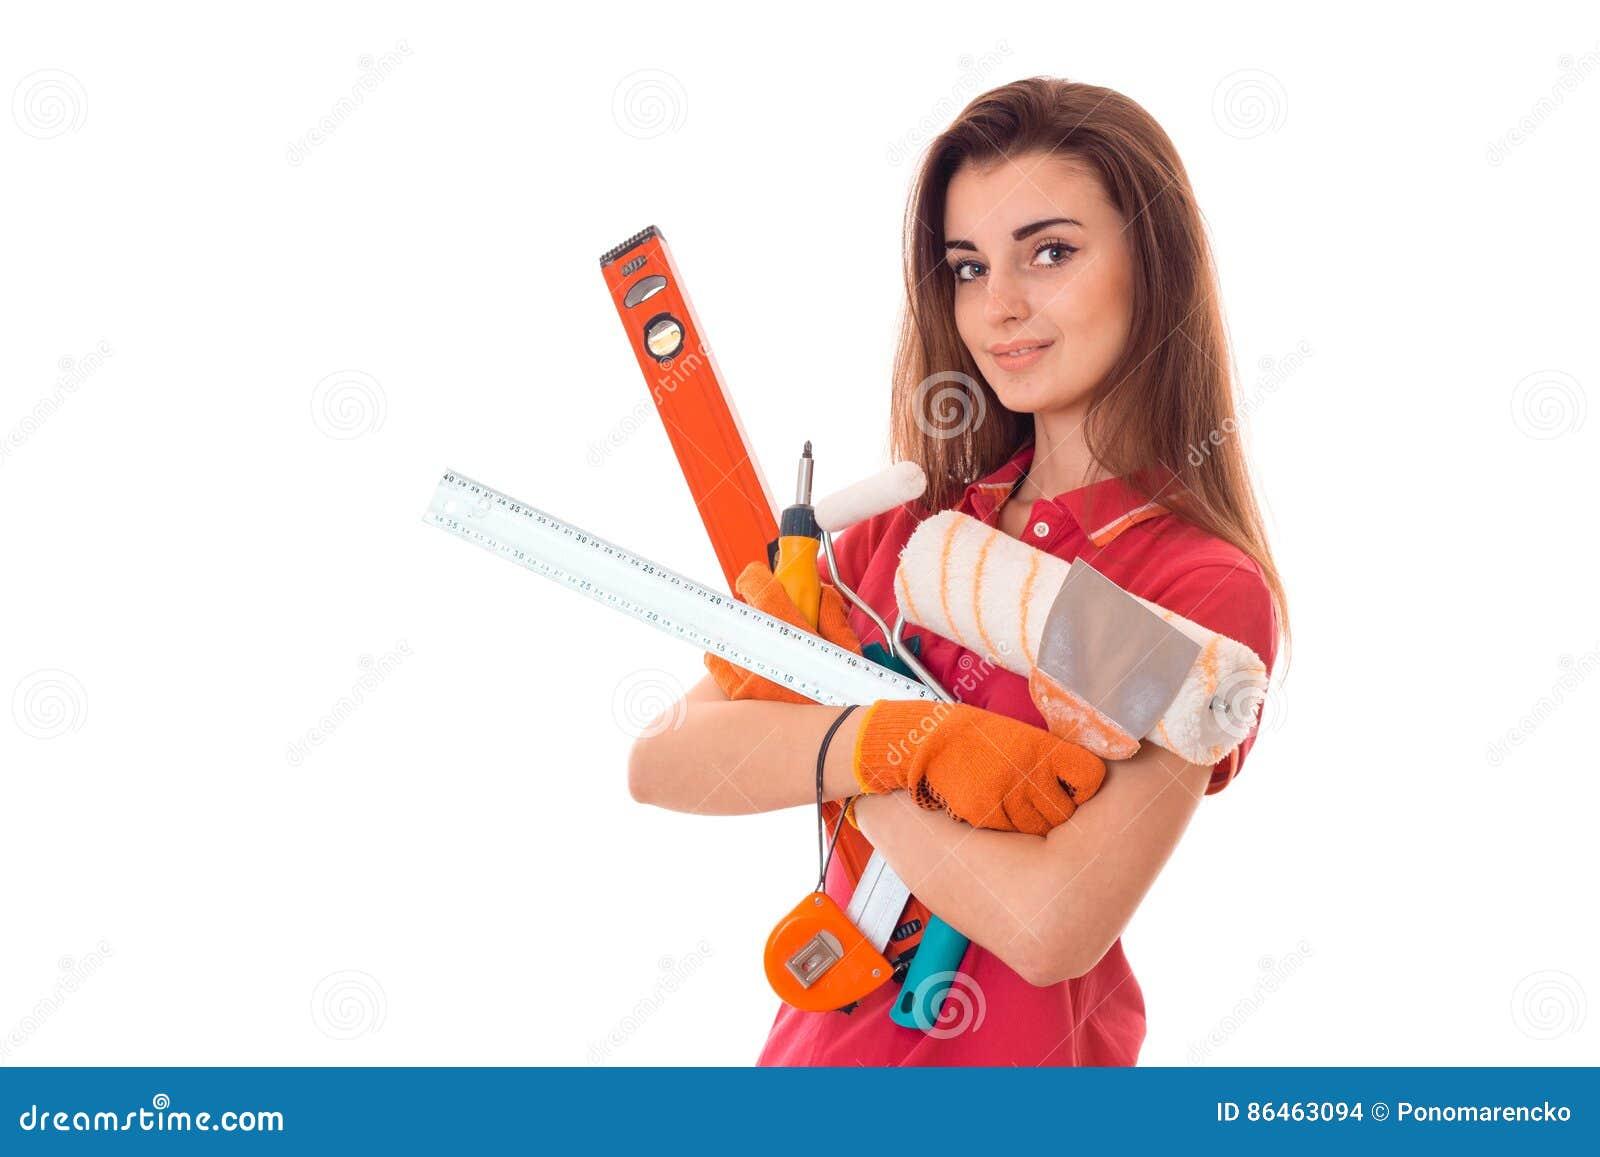 Porträt der jungen attraktiven Brunettegebäudefrau in der roten Uniform mit Werkzeugen in den Händen macht Erneuerung und das Bet